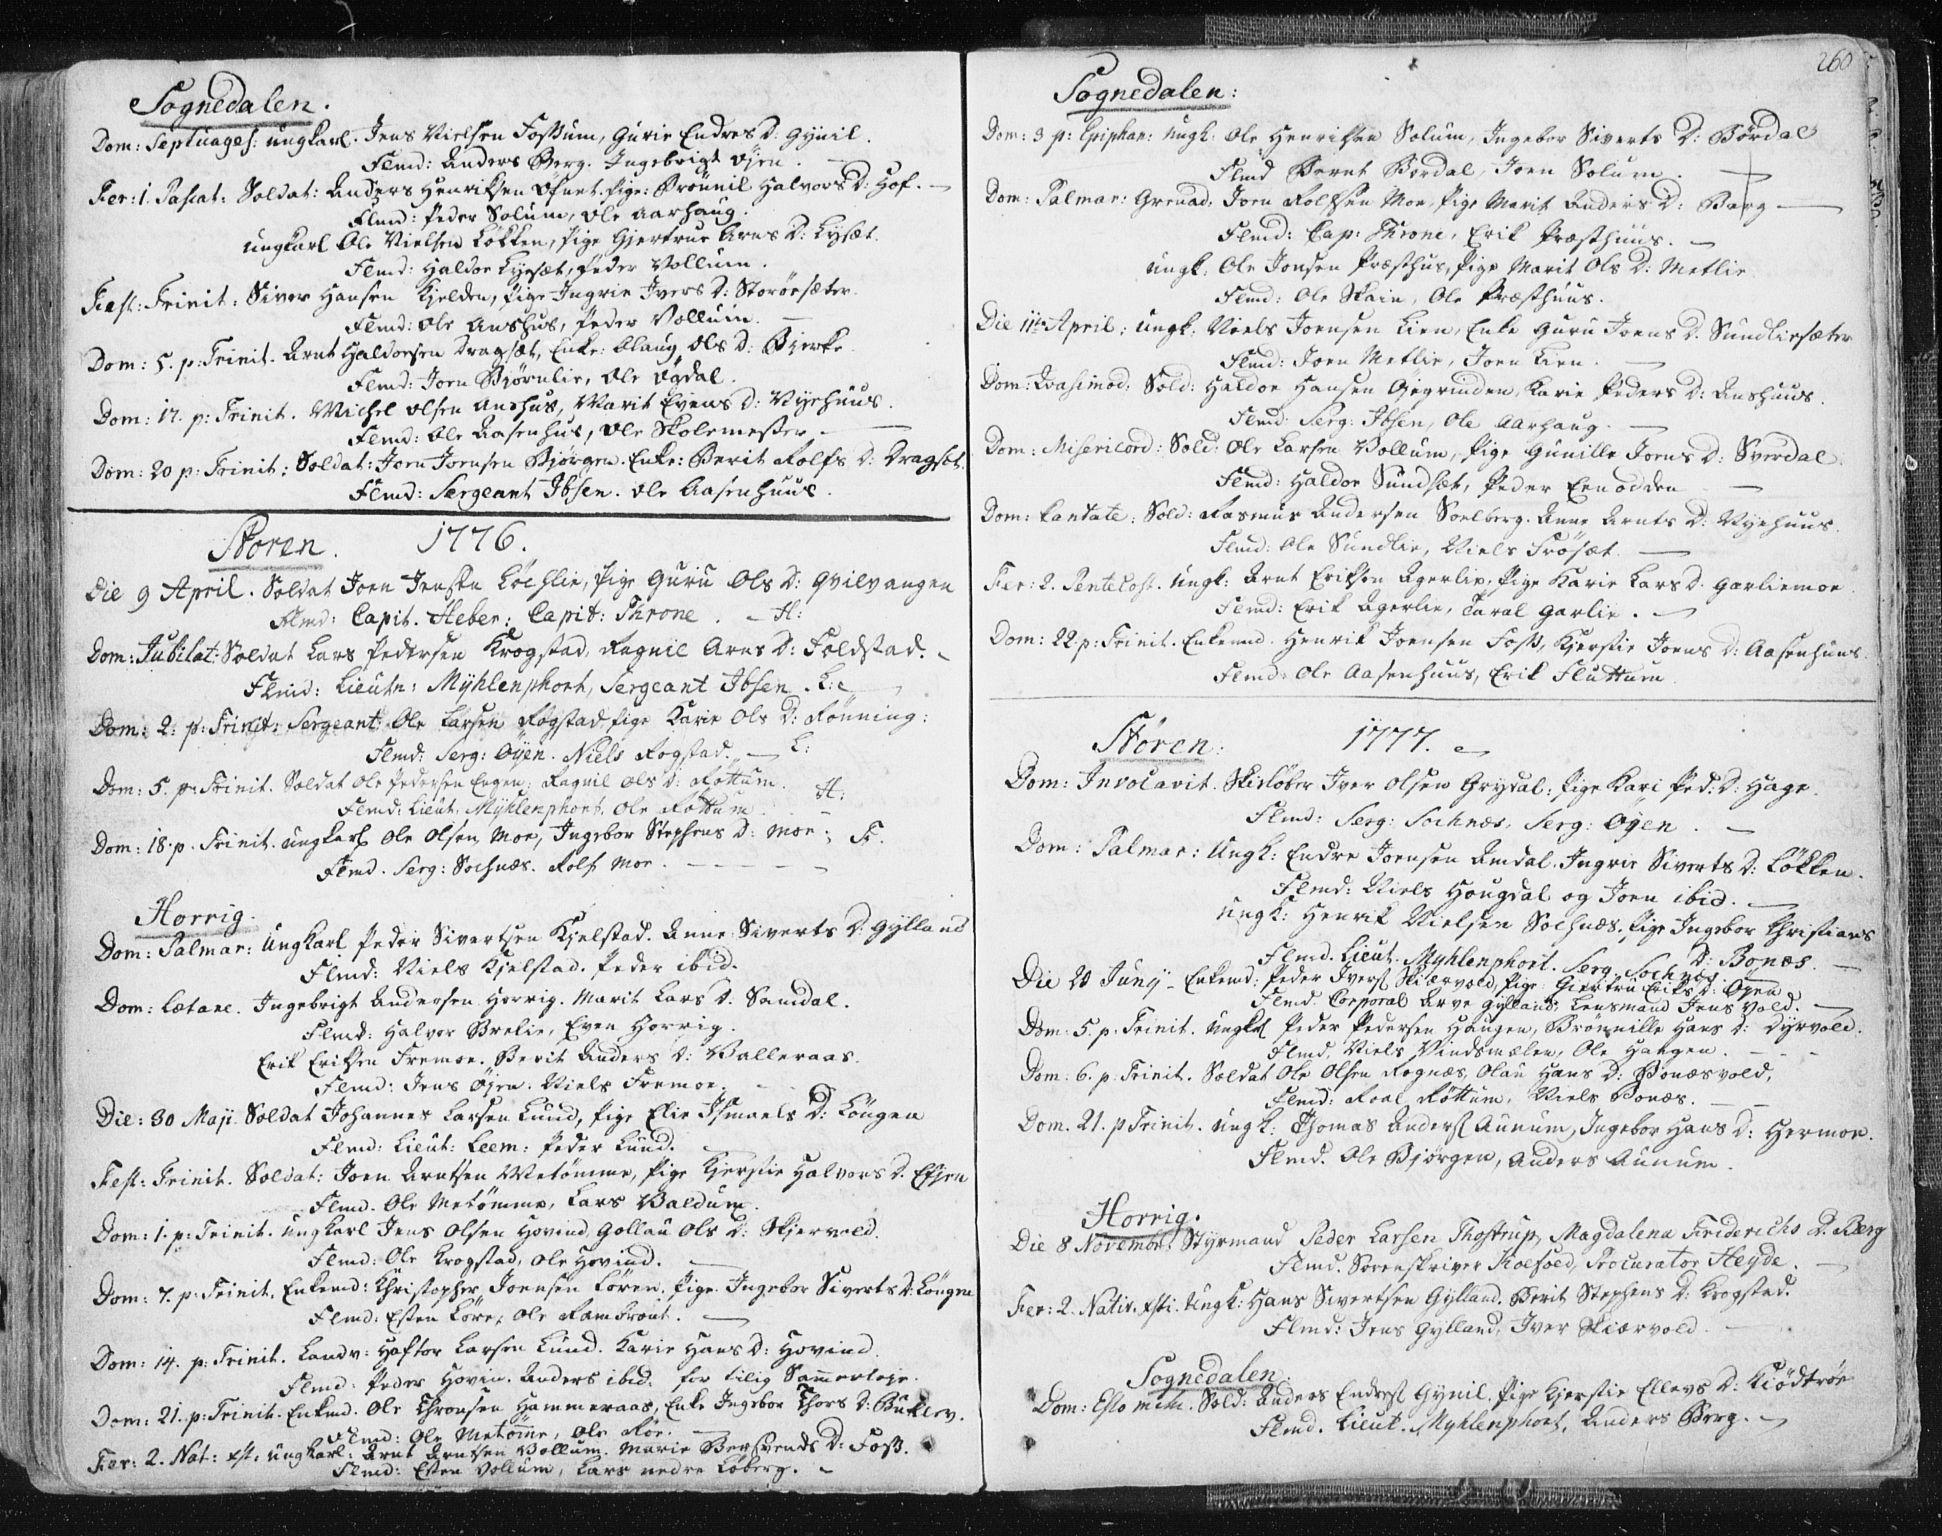 SAT, Ministerialprotokoller, klokkerbøker og fødselsregistre - Sør-Trøndelag, 687/L0991: Ministerialbok nr. 687A02, 1747-1790, s. 260